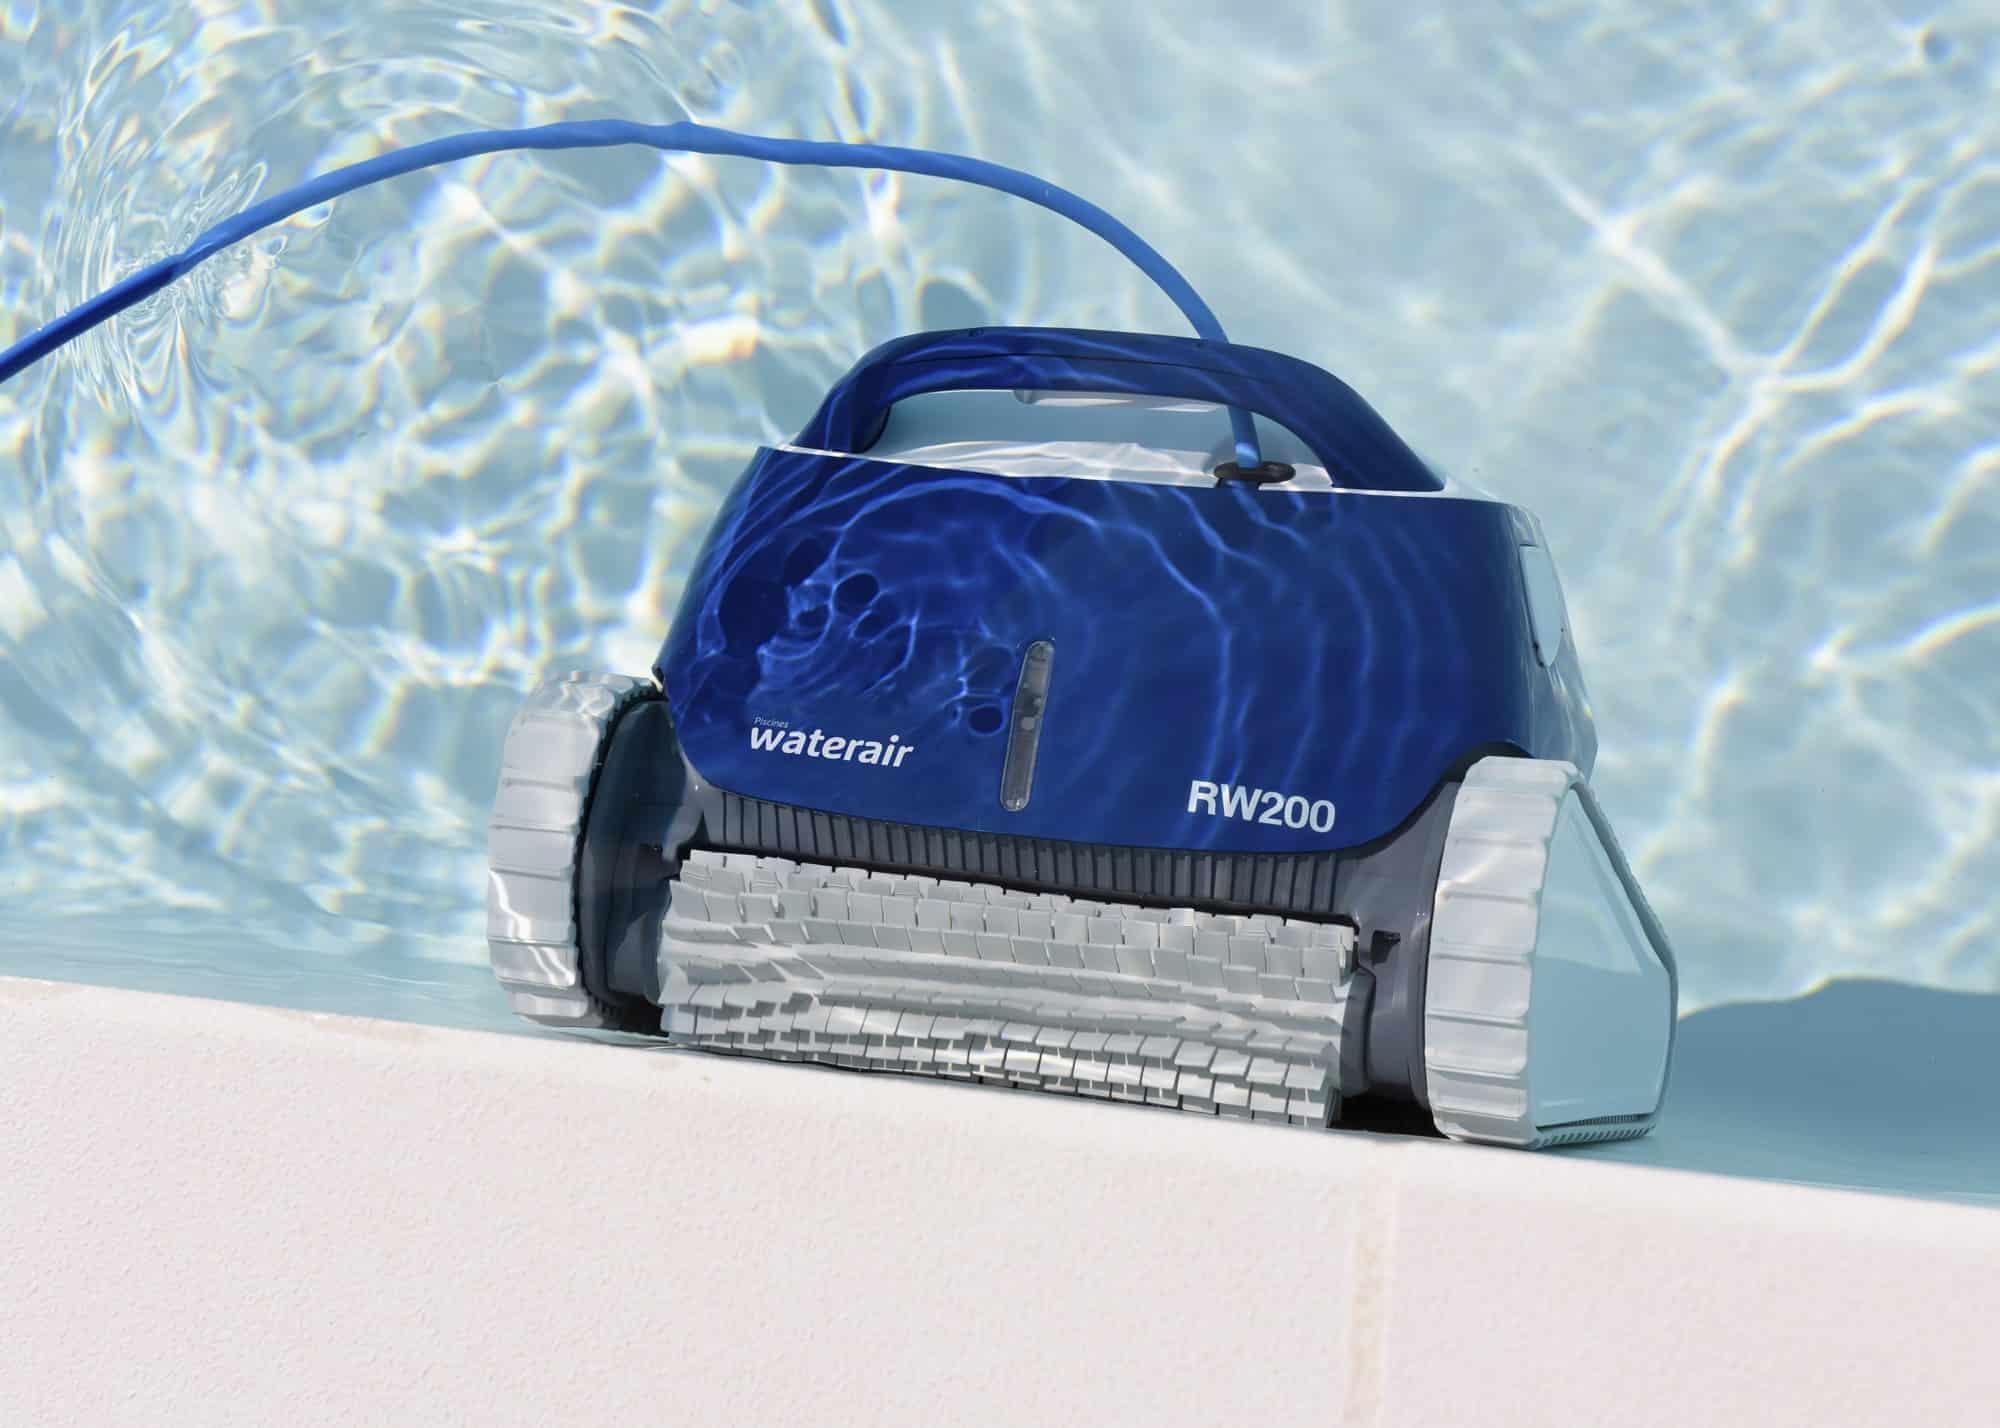 Robot de piscine : les raisons d'acheter cette machine